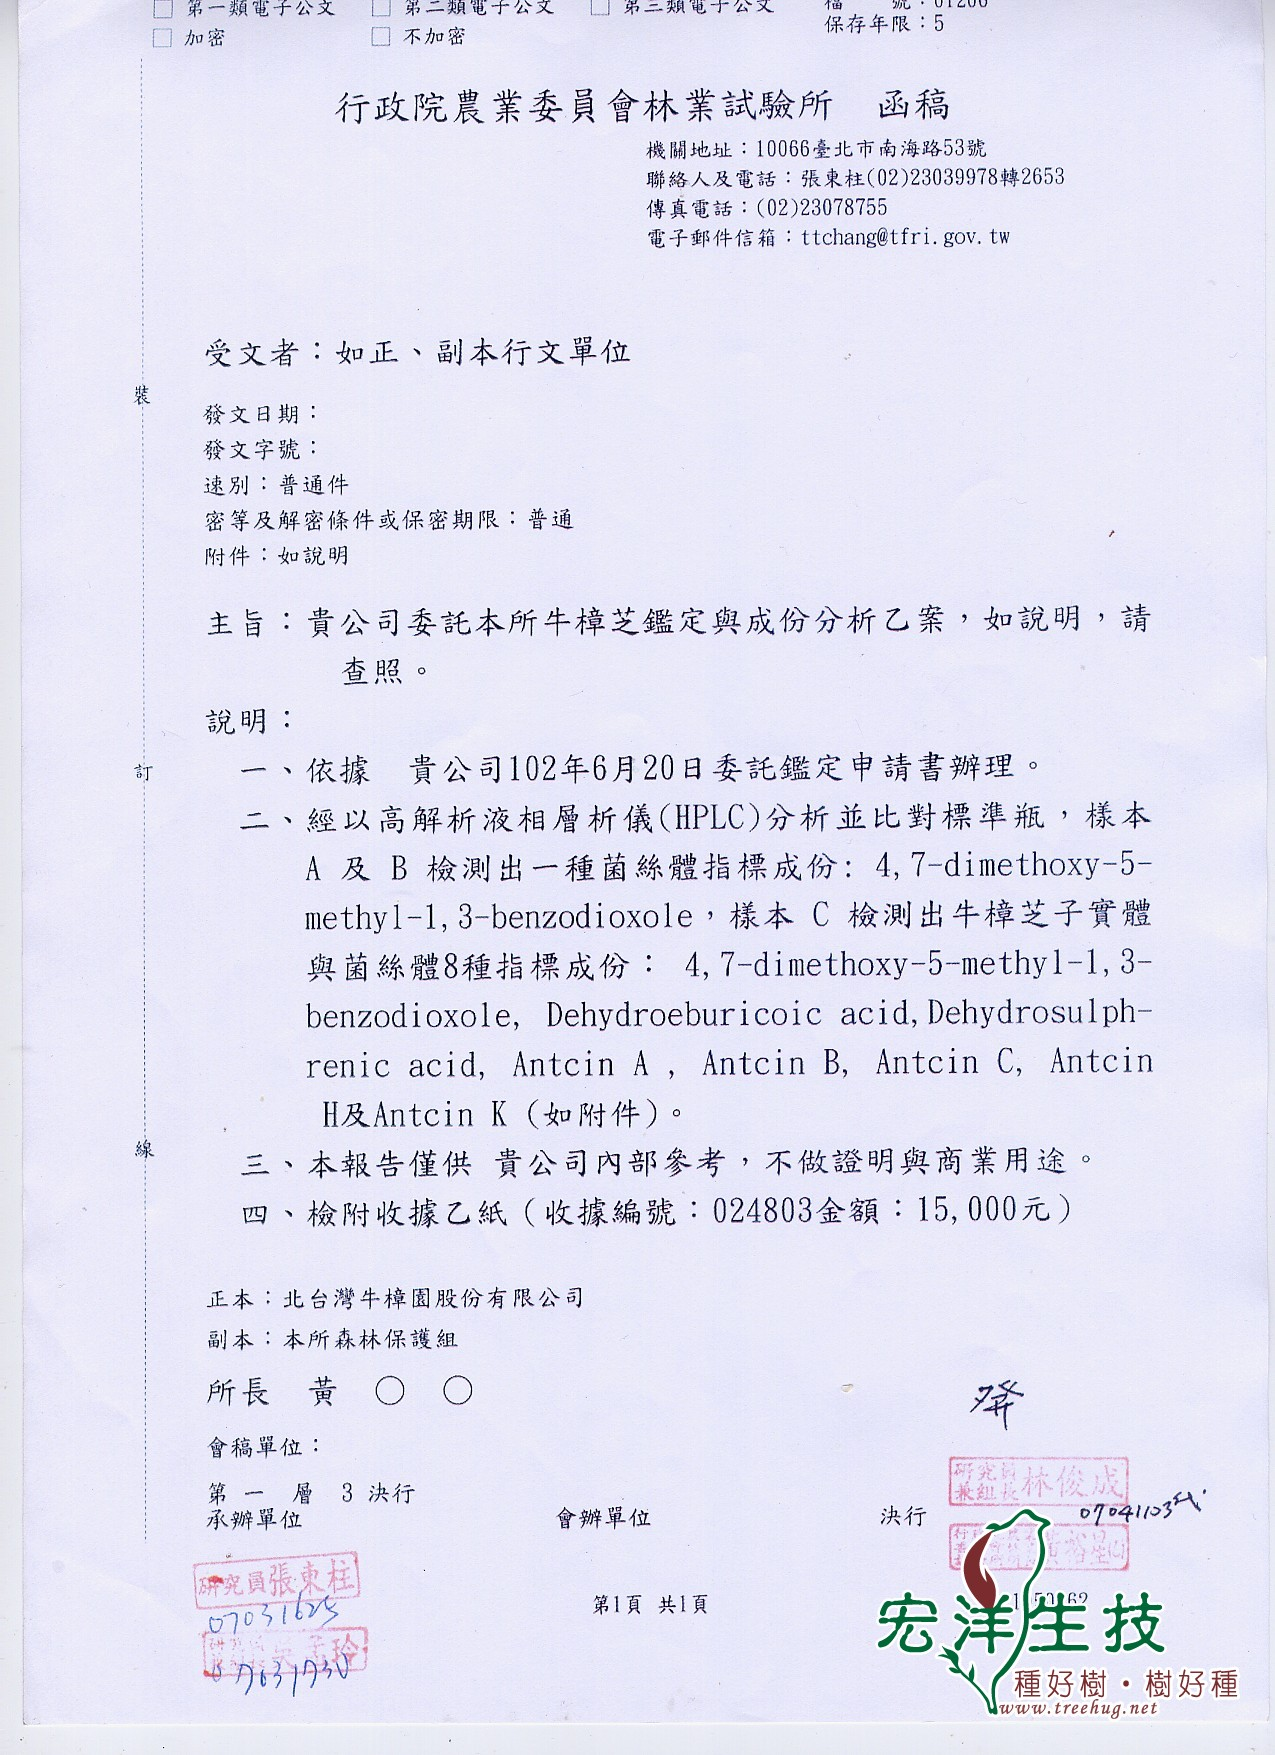 牛樟芝成分林試所檢驗報告